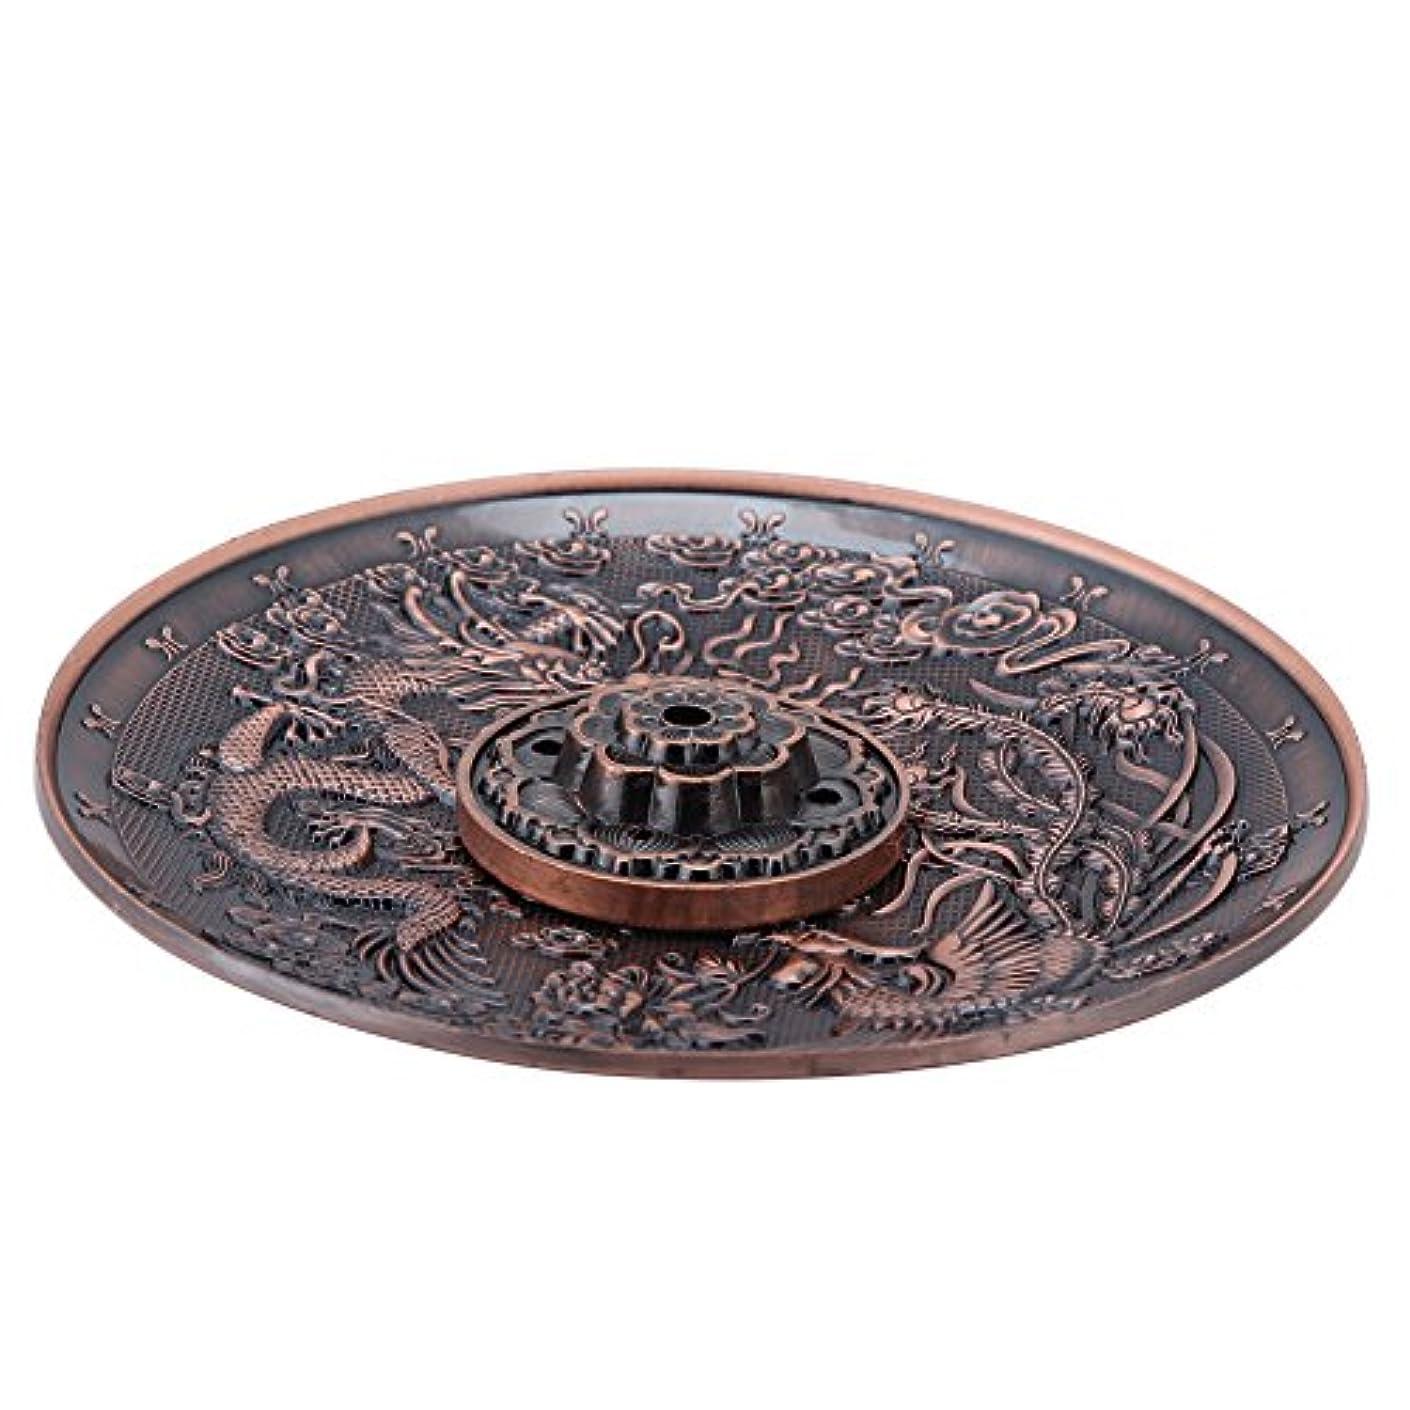 チラチラするささやき踏み台香皿 亜鉛の香り バーナーホルダー寝室の神殿のオフィスのためのドラゴンパターンの香炉プレート(レッドブロンズ)